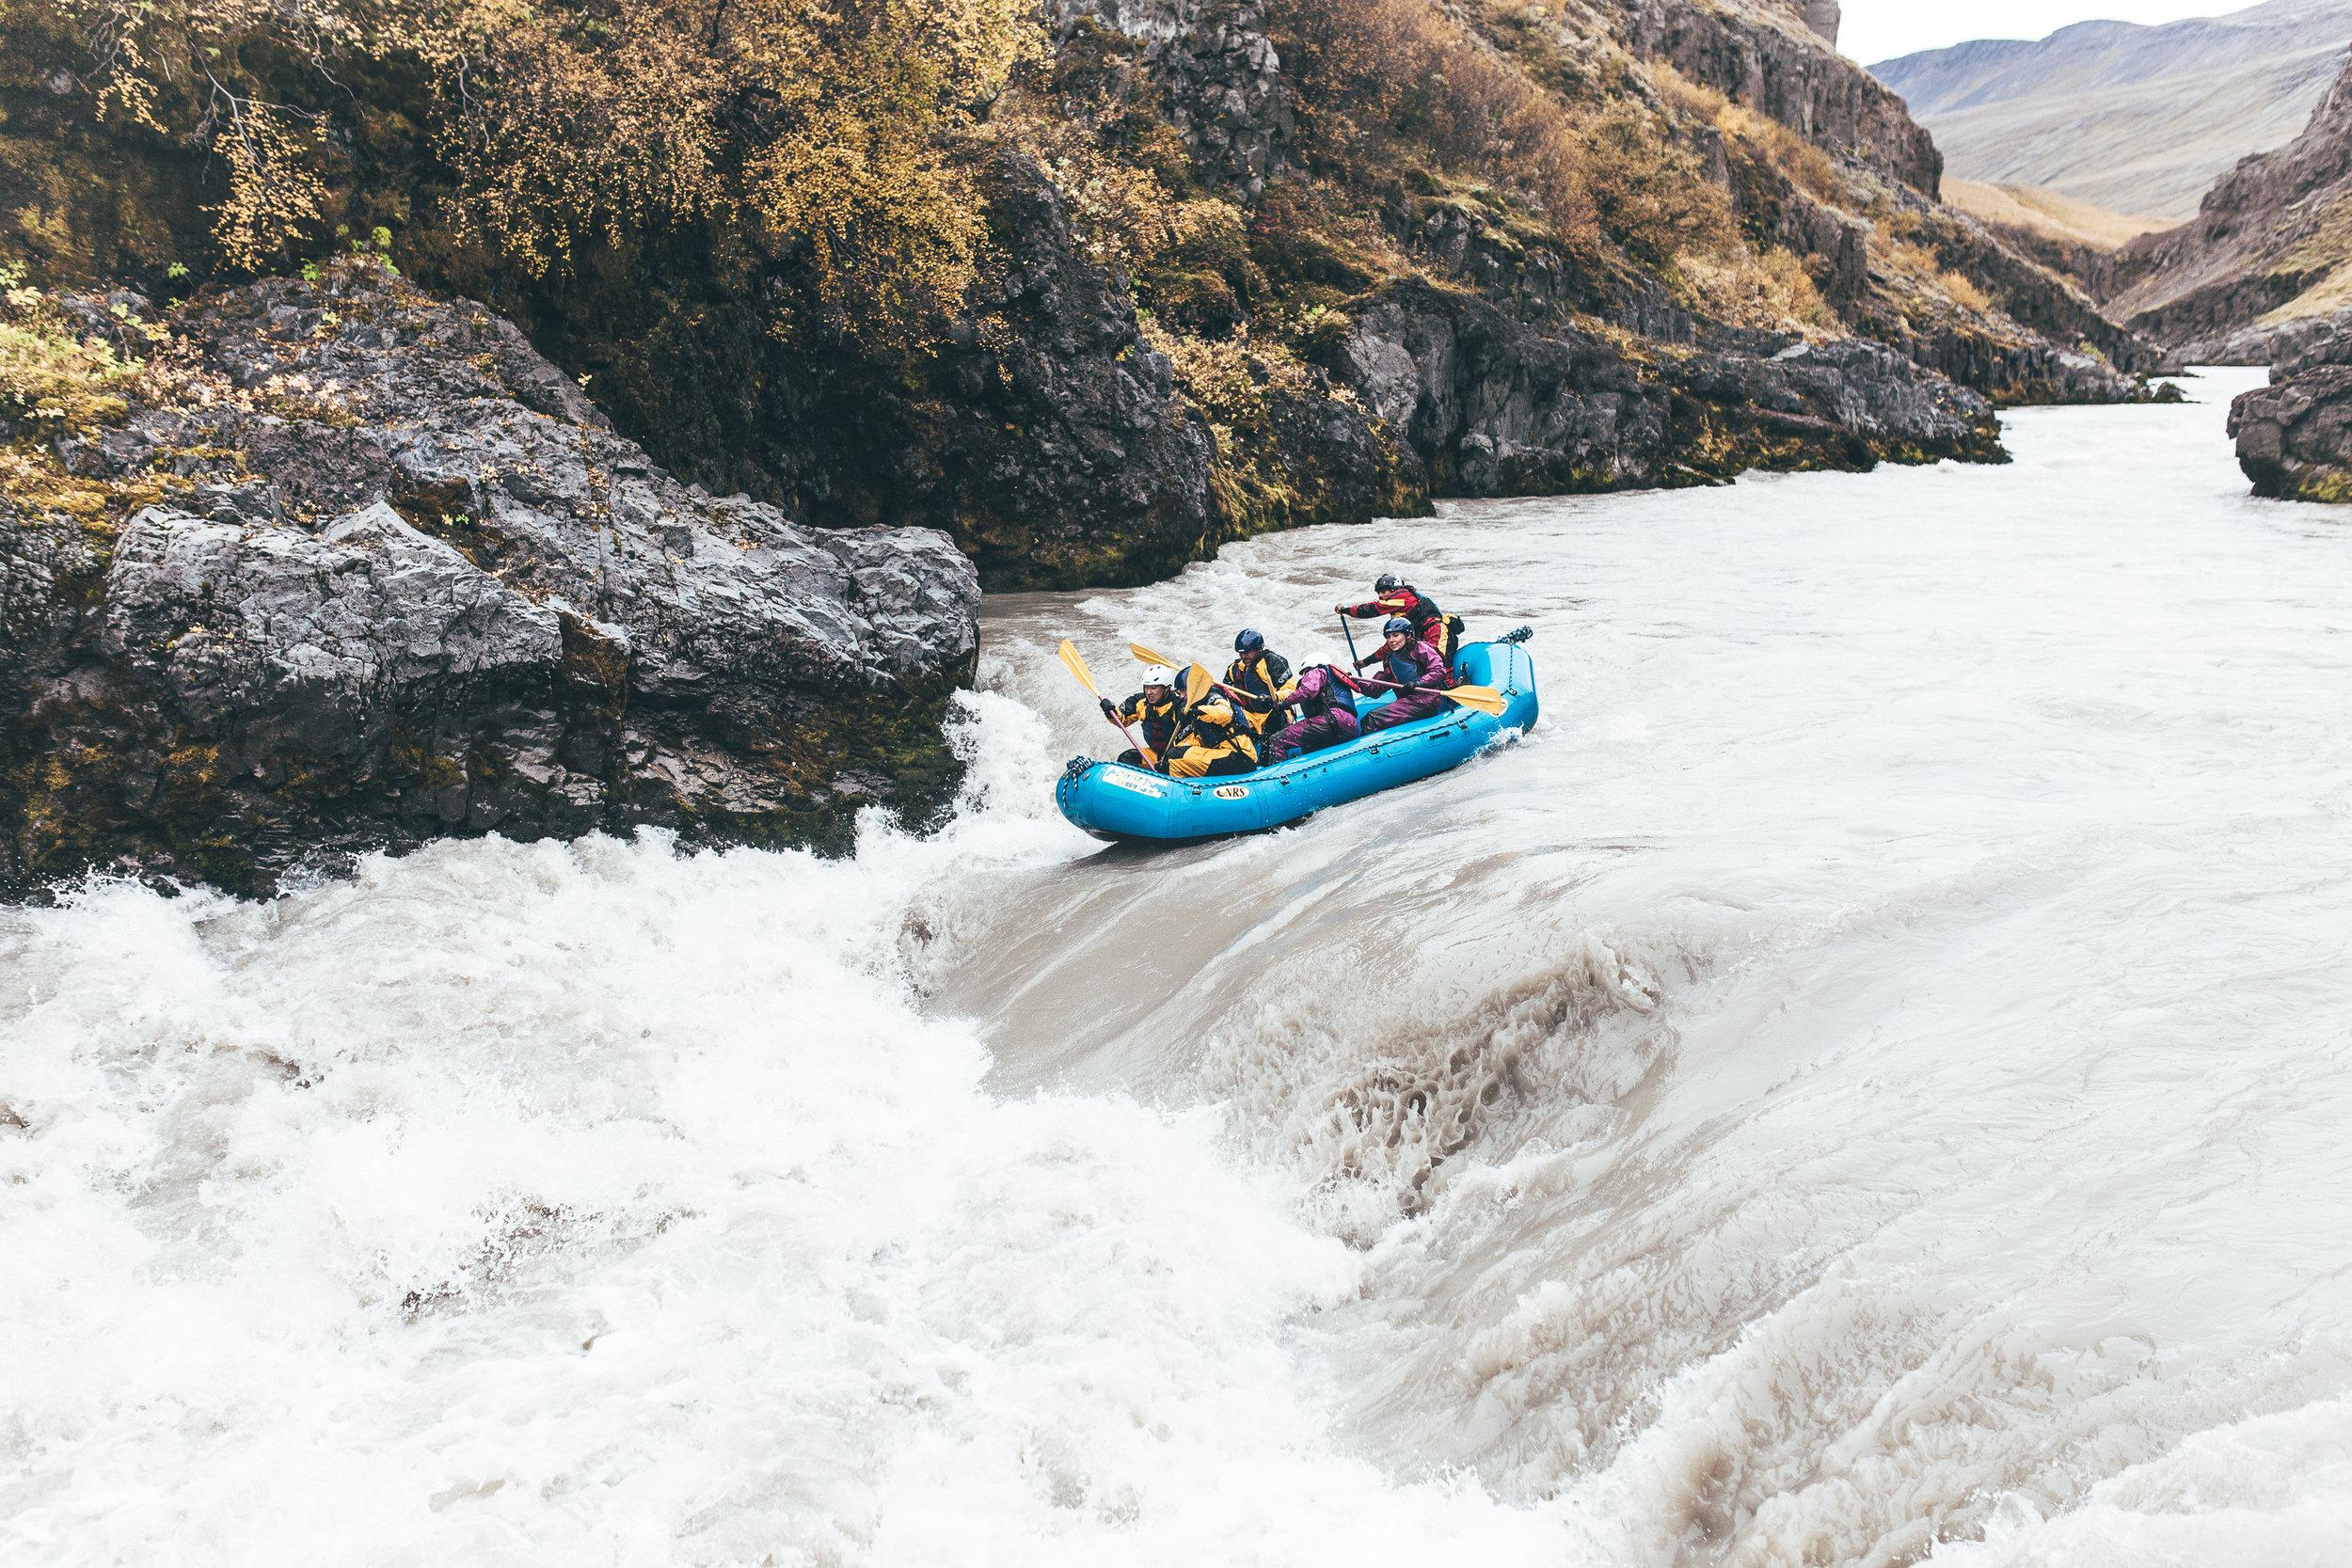 Chosen_Iceland2017_canyoning-19.jpg